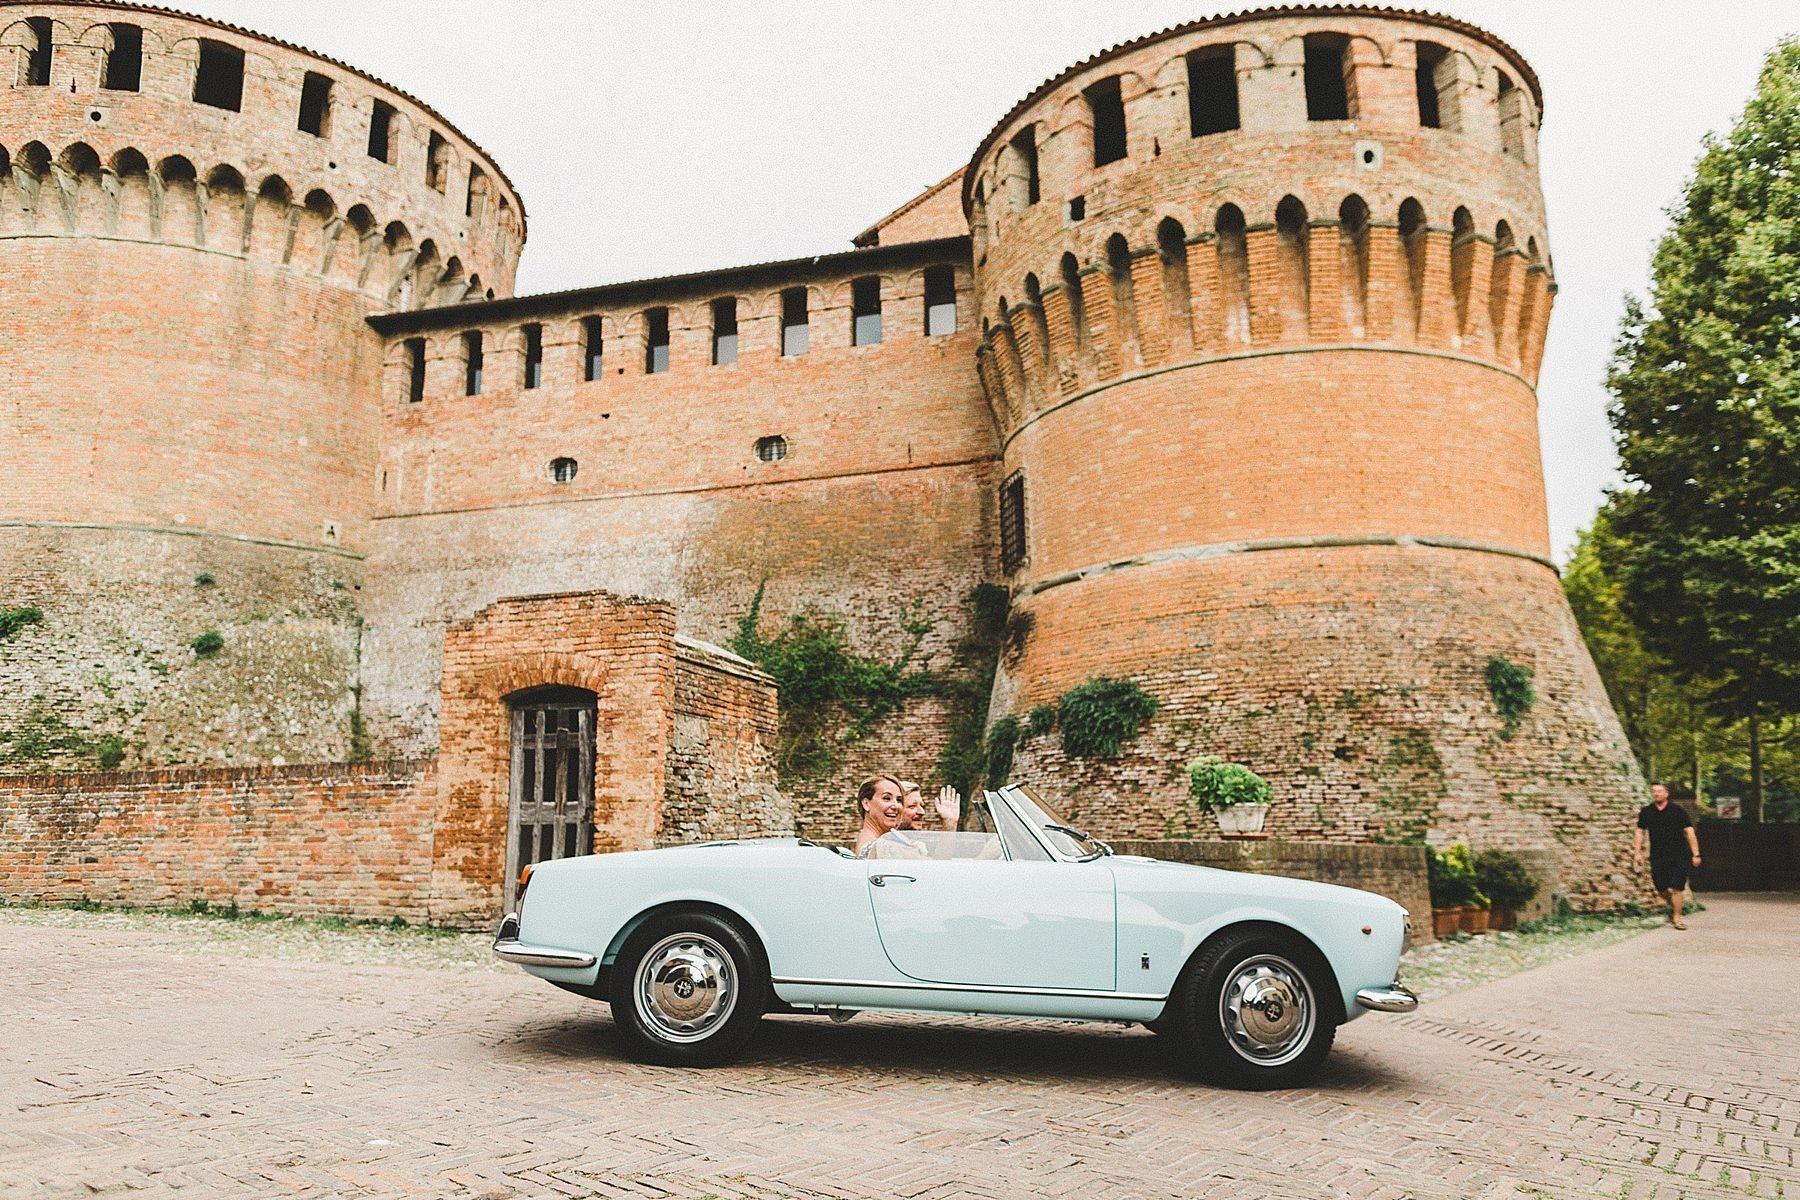 sposi in auto d epoca italiana alla rocca di dozza